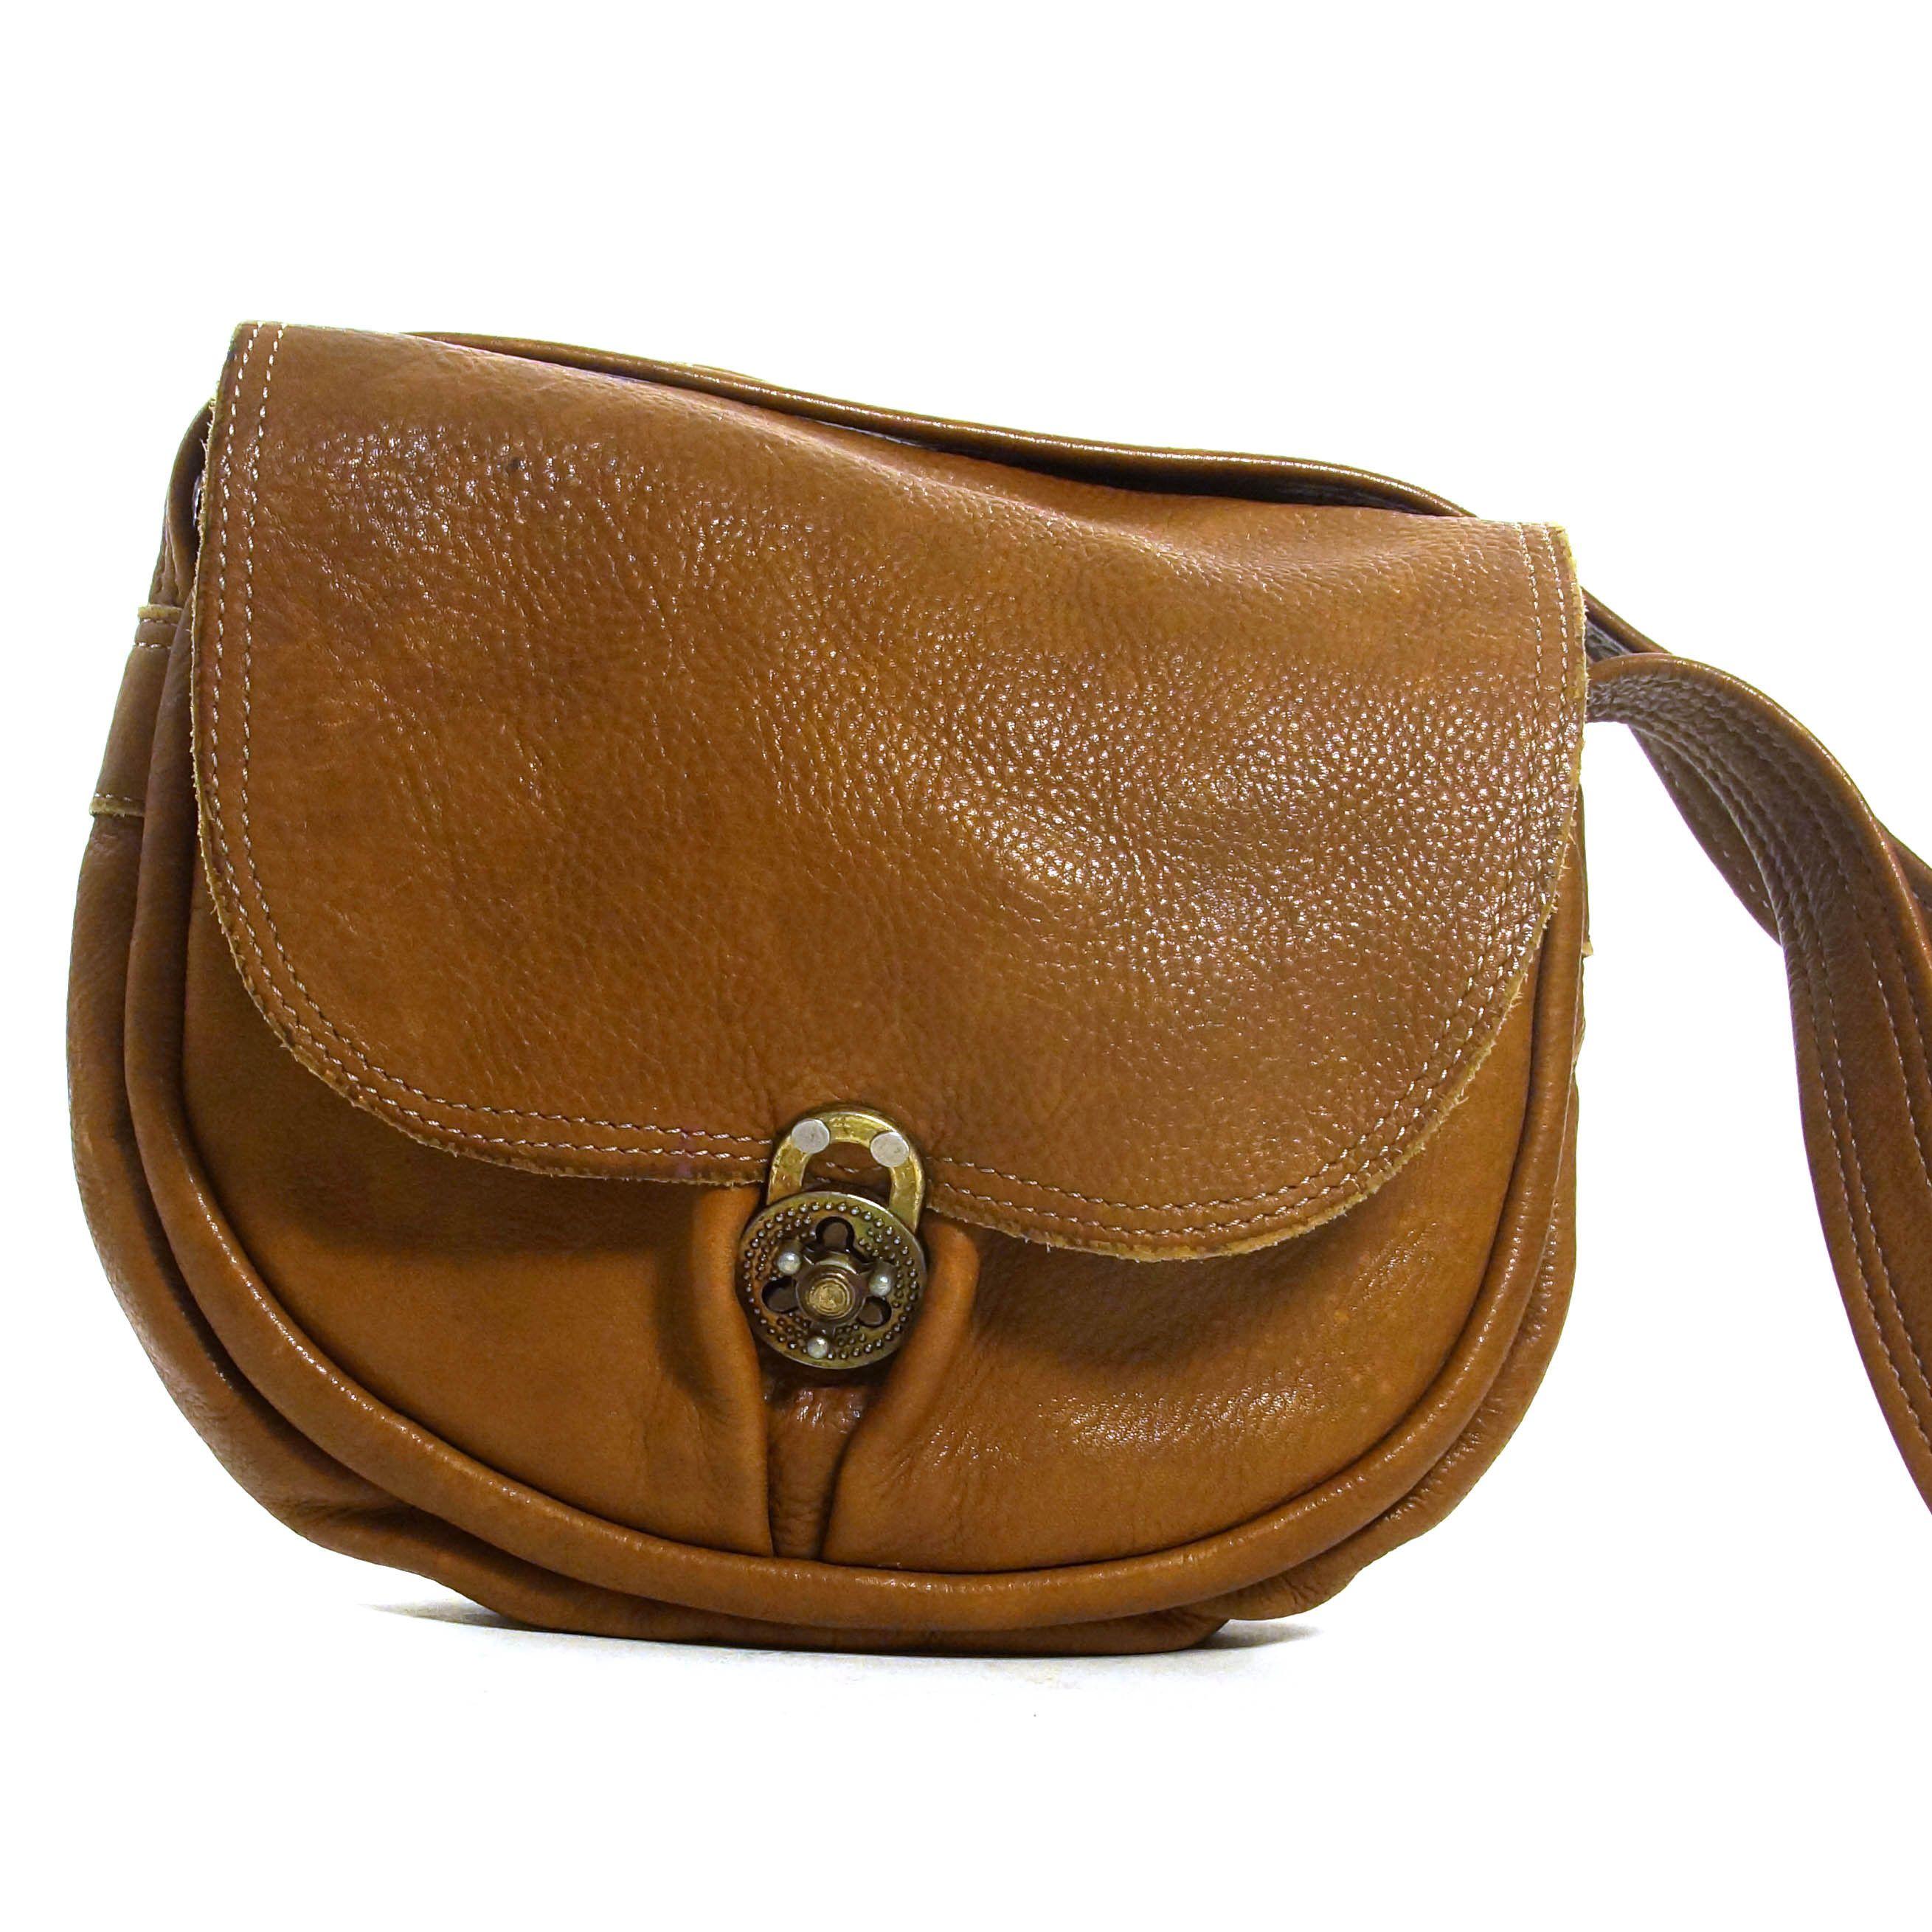 6748f01ea806 Brown Leather Hobo Bag Vintage 90s Distressed Hippie Boho Satchel Soft  Slouchy Buttery Leather Saddle Bag Shoulder Strap by SpunkVintage on Etsy